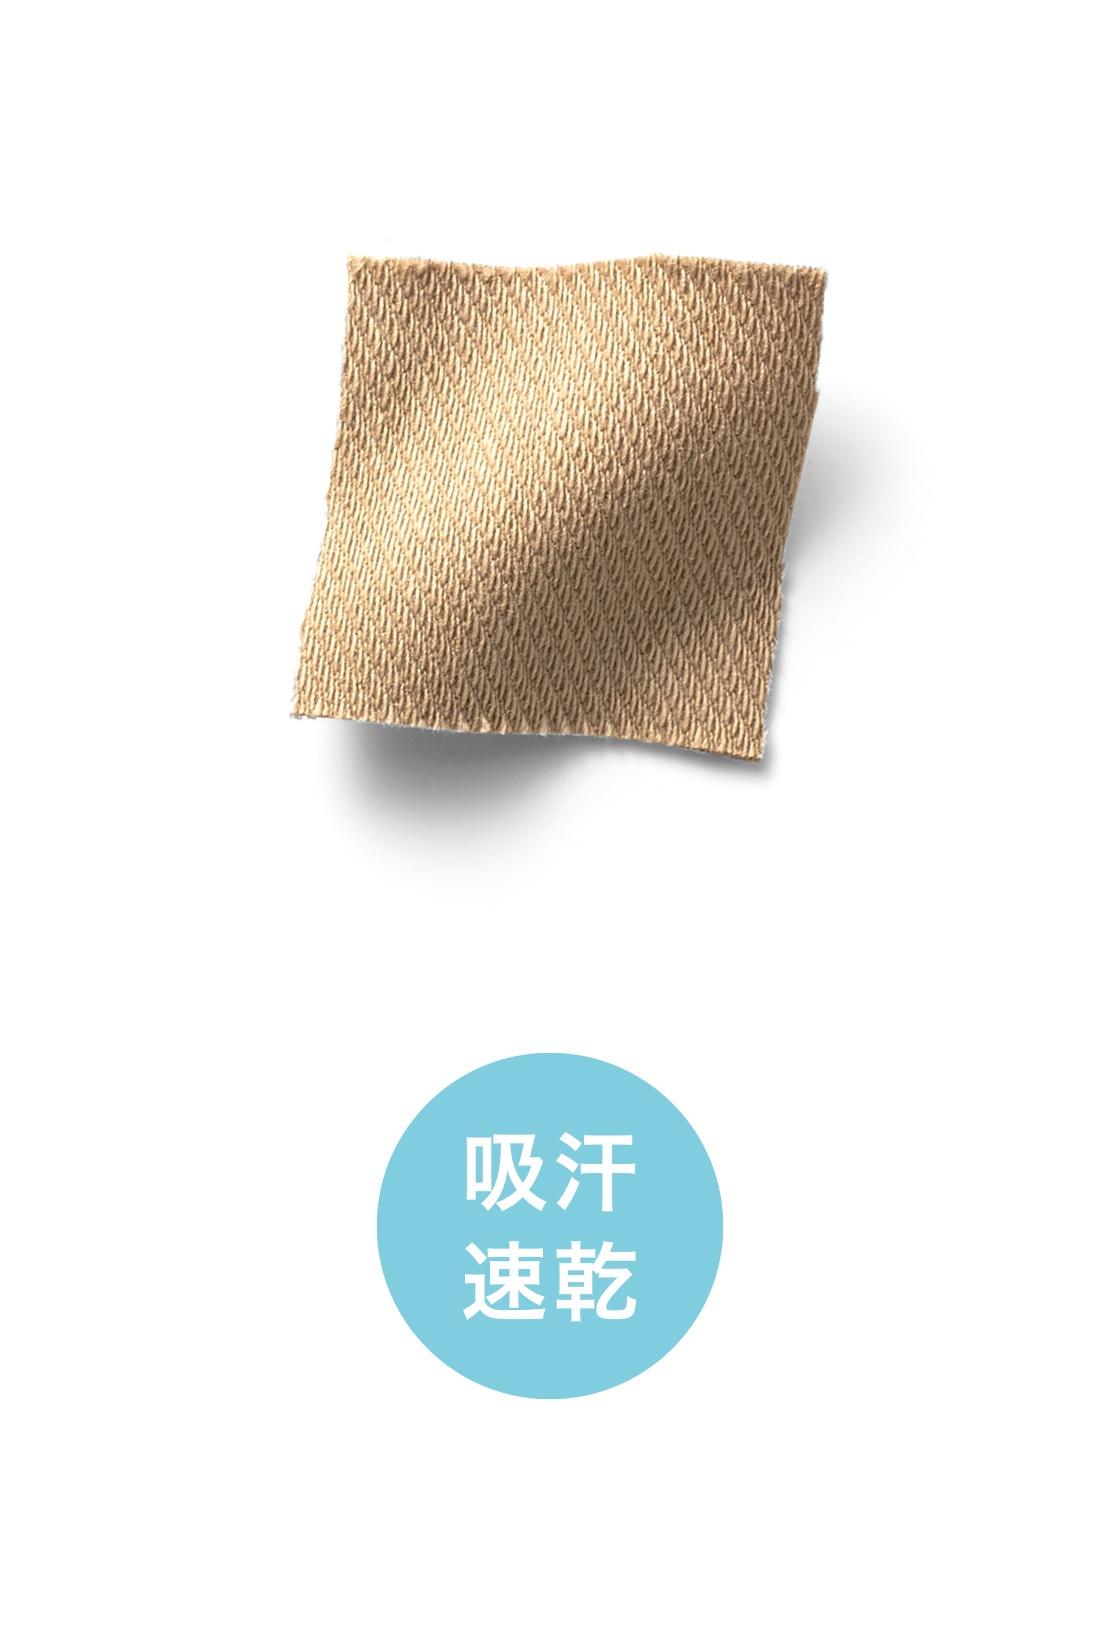 吸湿放湿性と吸汗速乾性のある伸びやかなカットソー素材だから汗ばむ季節でもさわやかなはき心地。 ※お届けするカラーとは異なります。